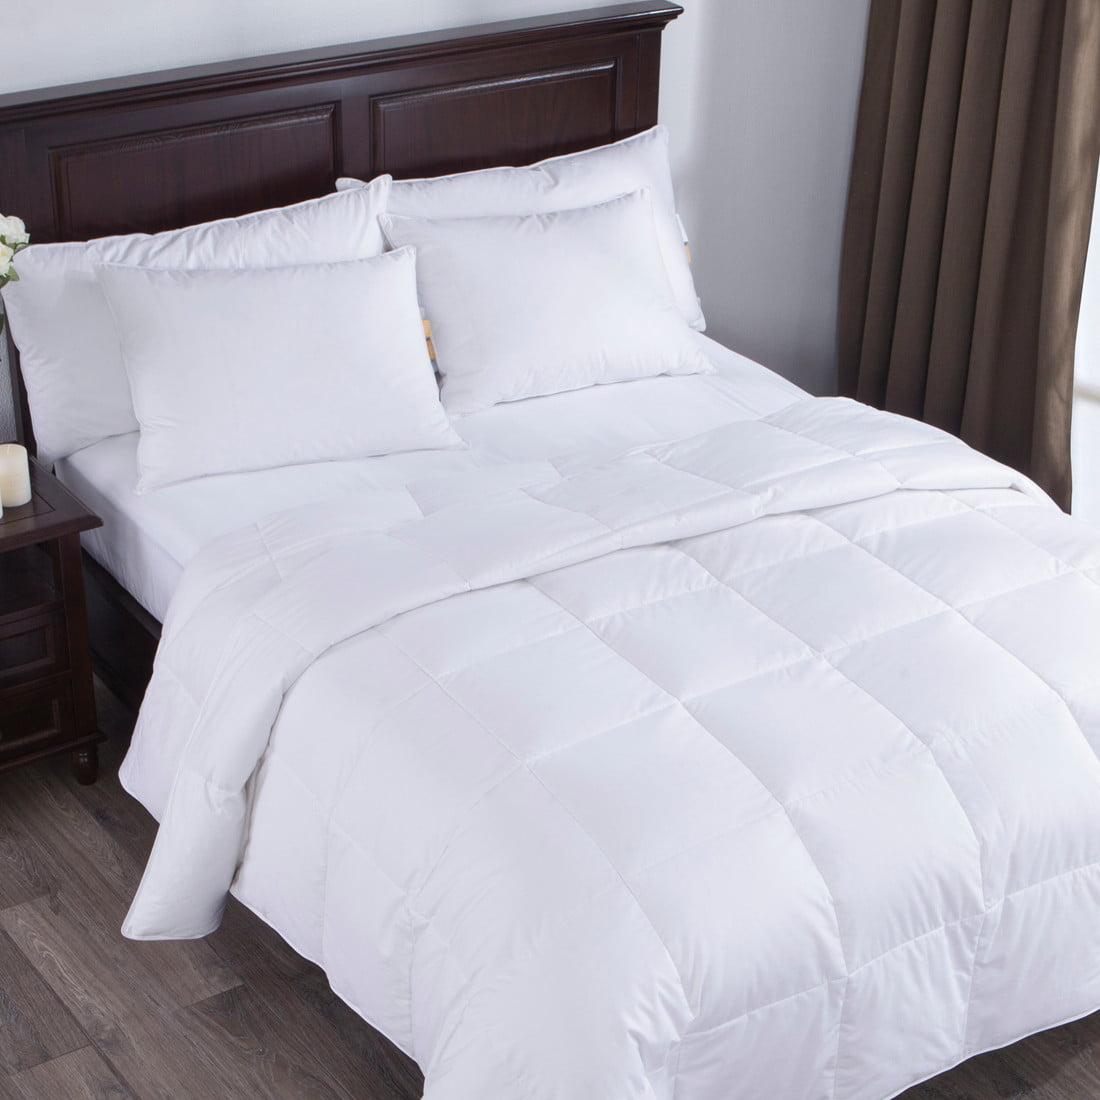 Puredown Lightweight White Goose Down Comforter Duvet